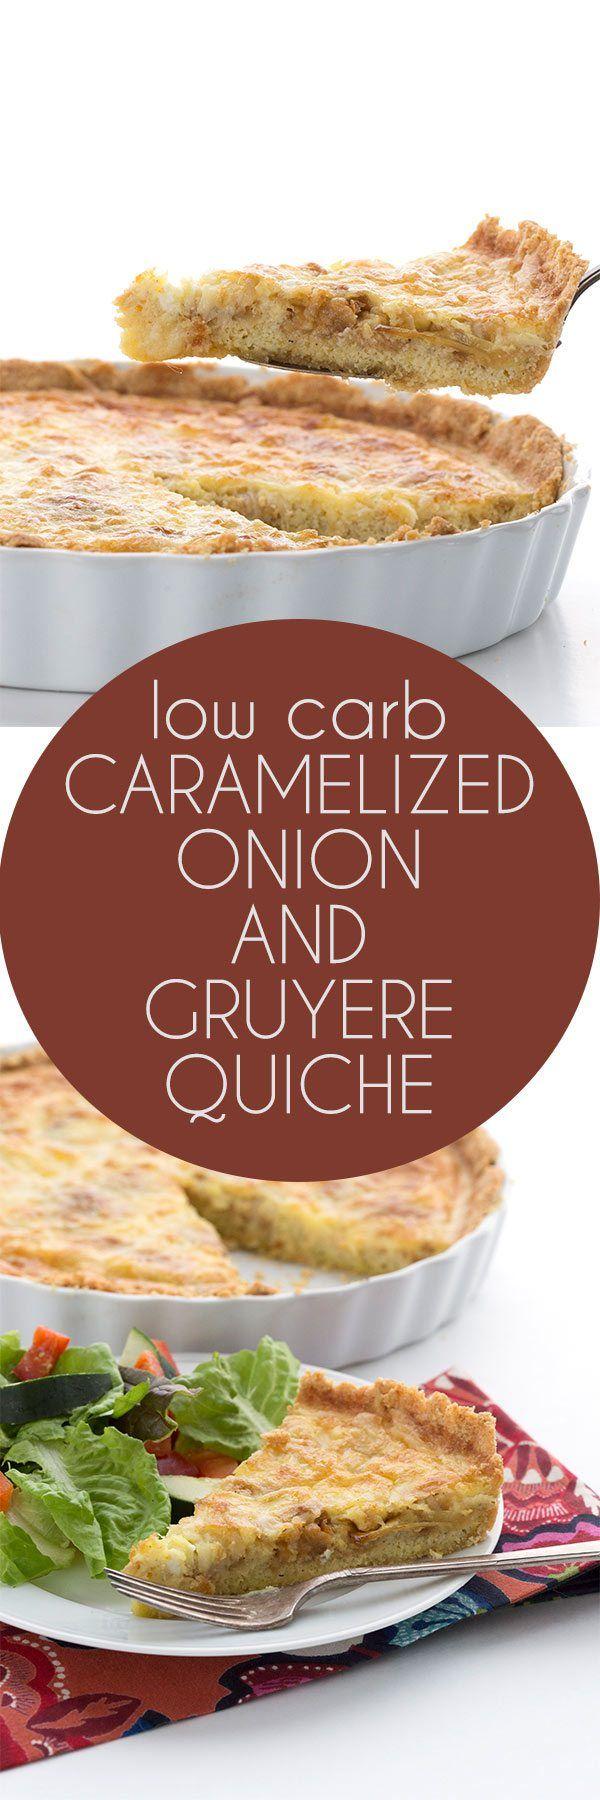 Keto Caramelized Onion Quiche